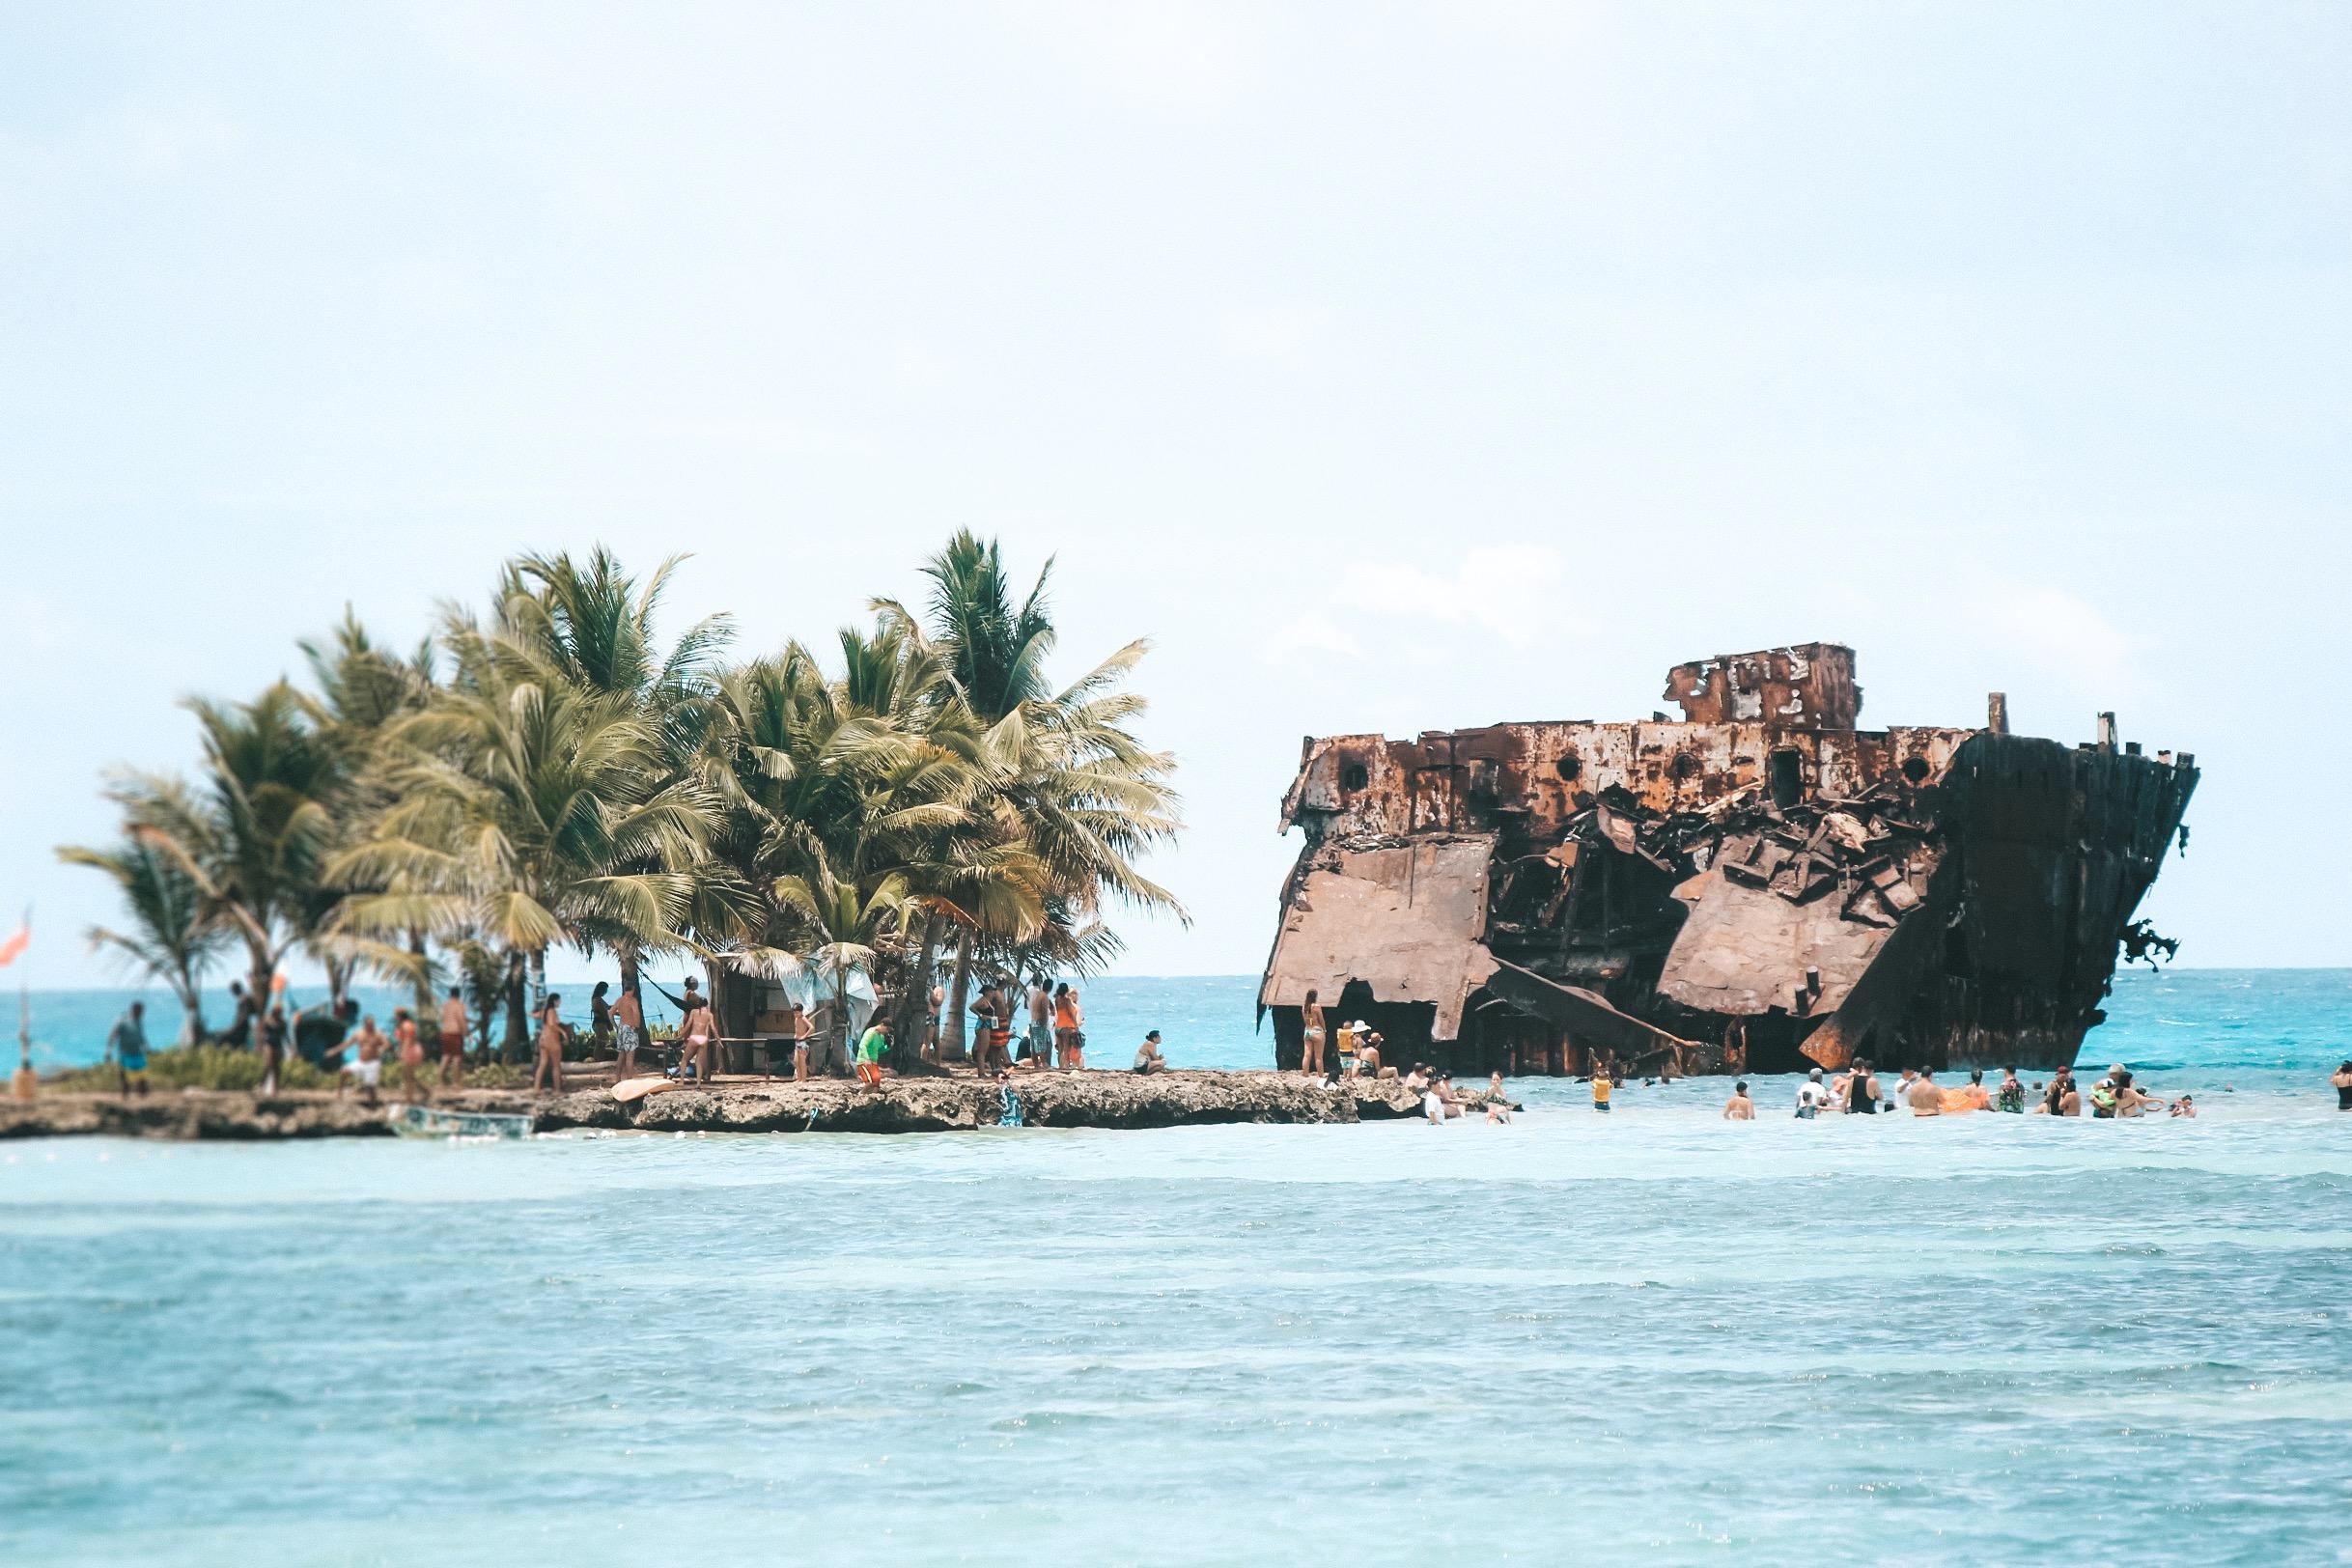 Navio encalhado em Rocky Cay (Foto: Tati Sisti)